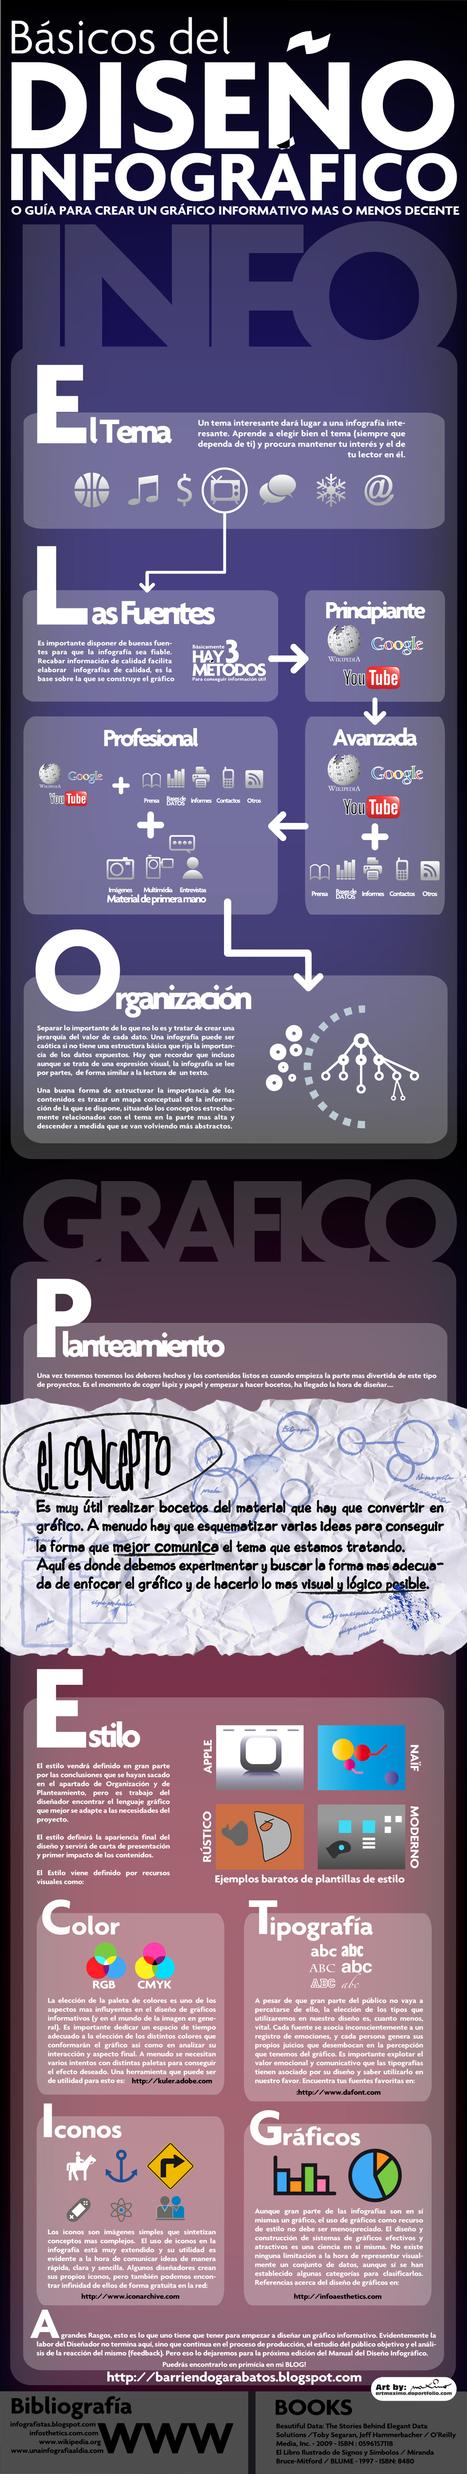 Cómo crear una infografía: guía de diseño│@MaximoBCN | Educación y TIC | Scoop.it